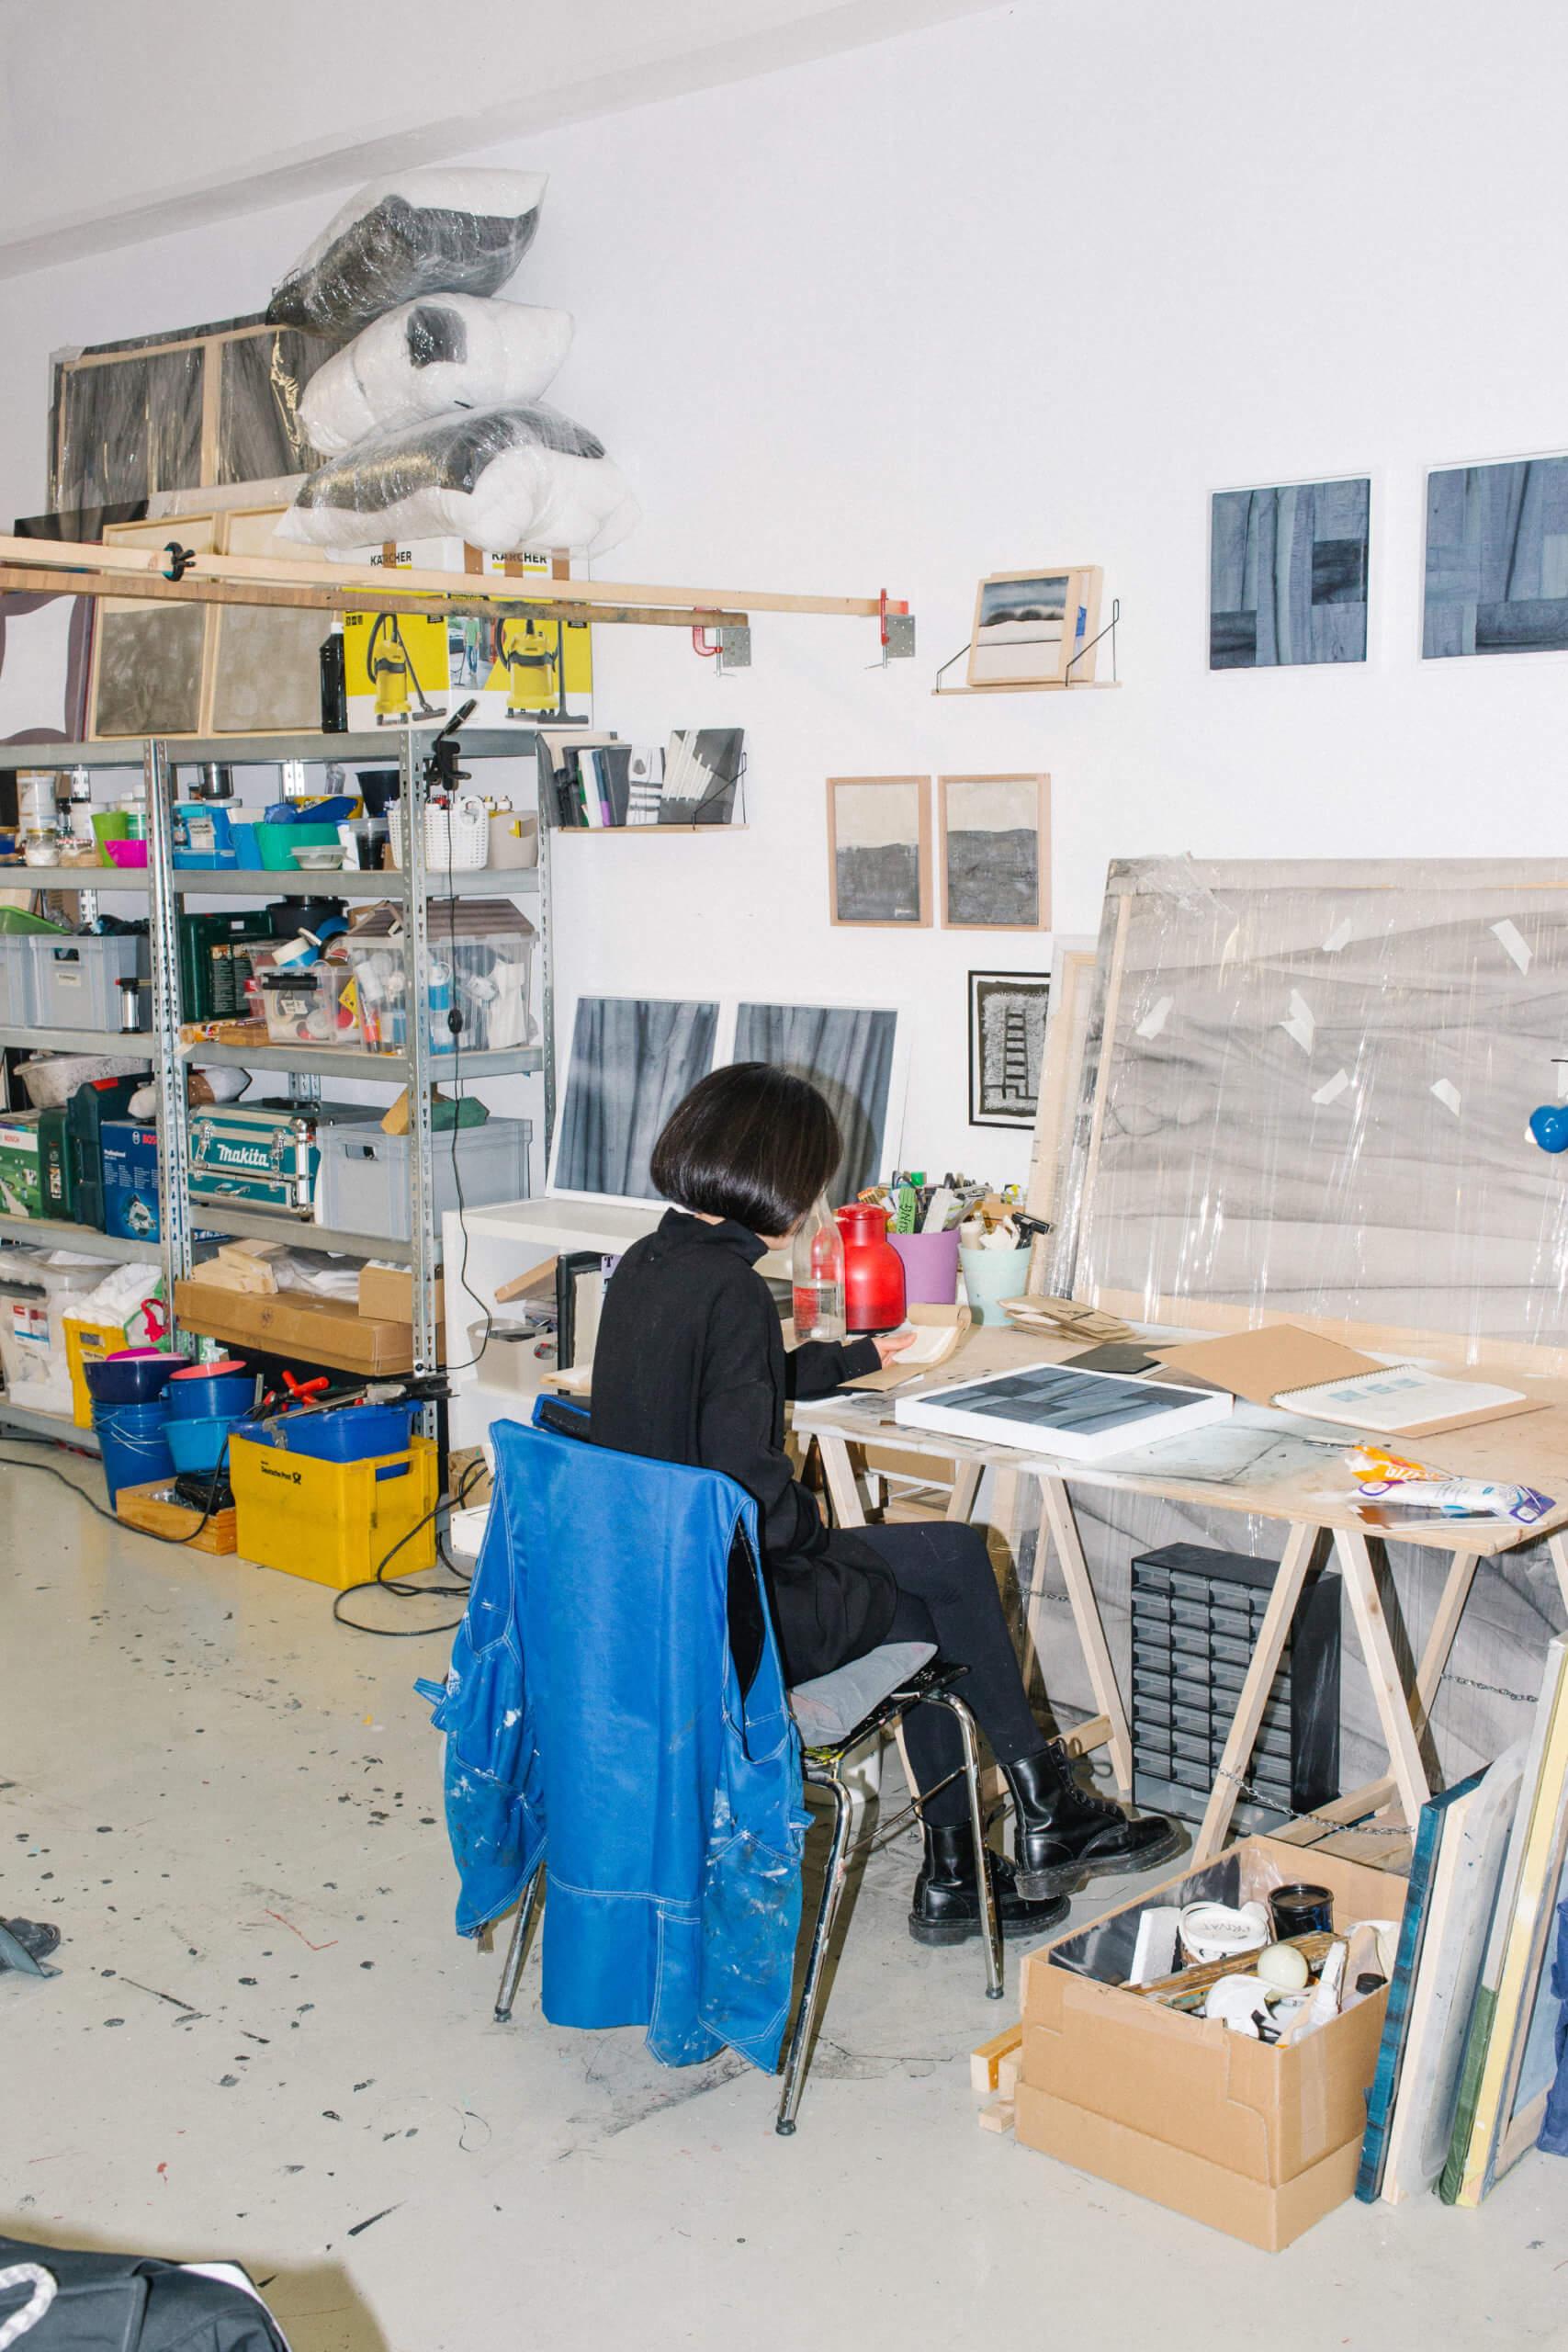 Die Künstlerin Hyun Sung Park ist in der Rückansicht zu sehen, wei sie in ihrem Atelier sitzt und an ihrem Tisch arbeitet